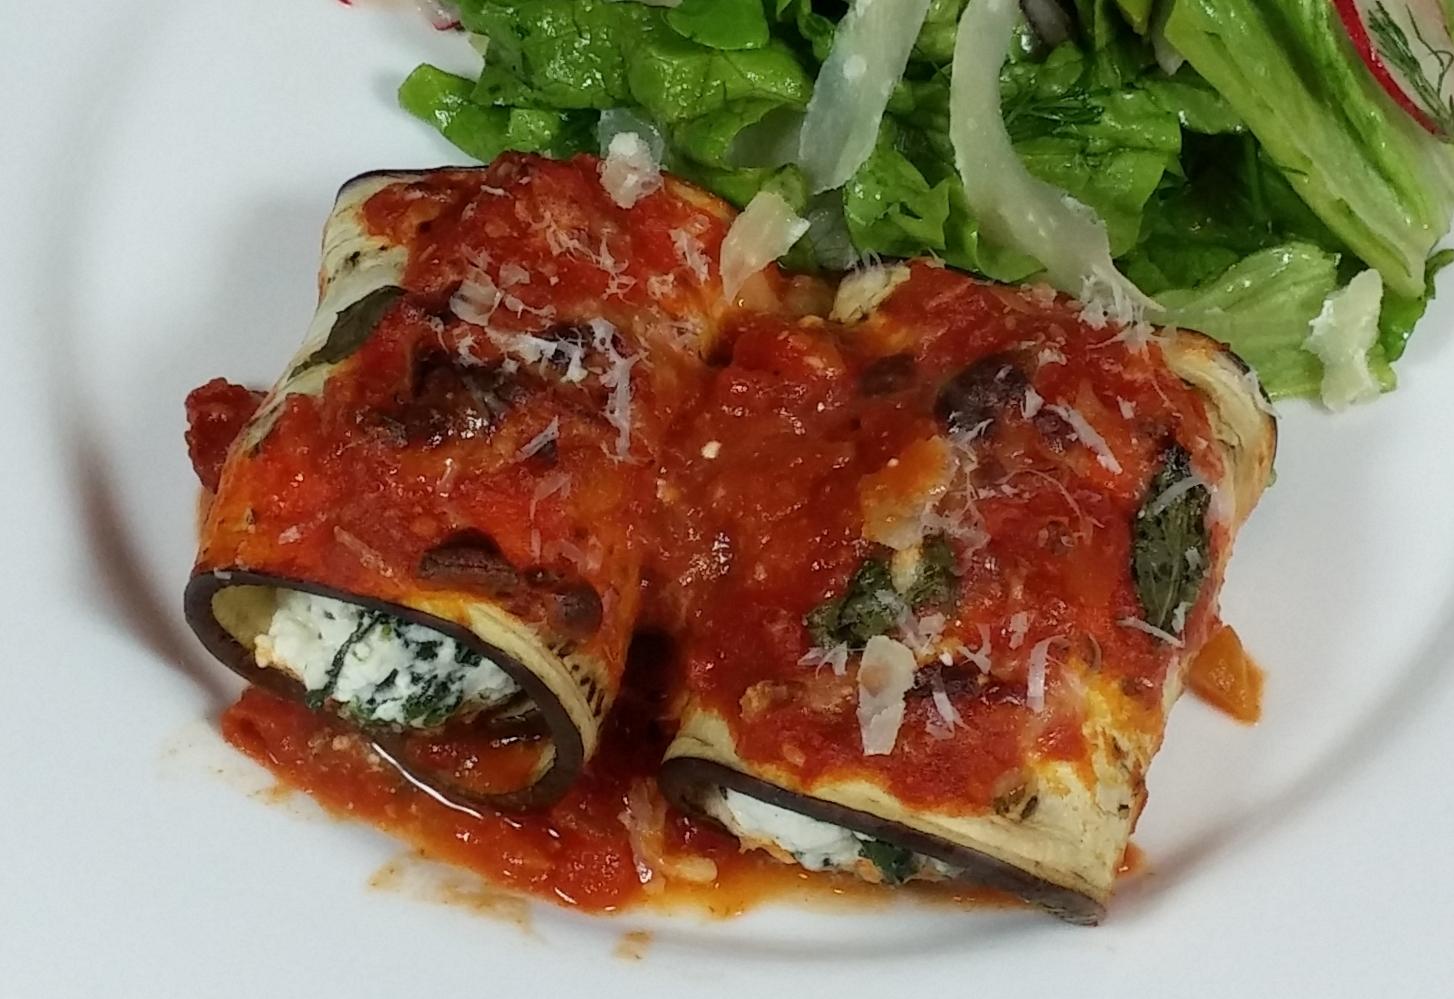 eggplant rollatini cooked